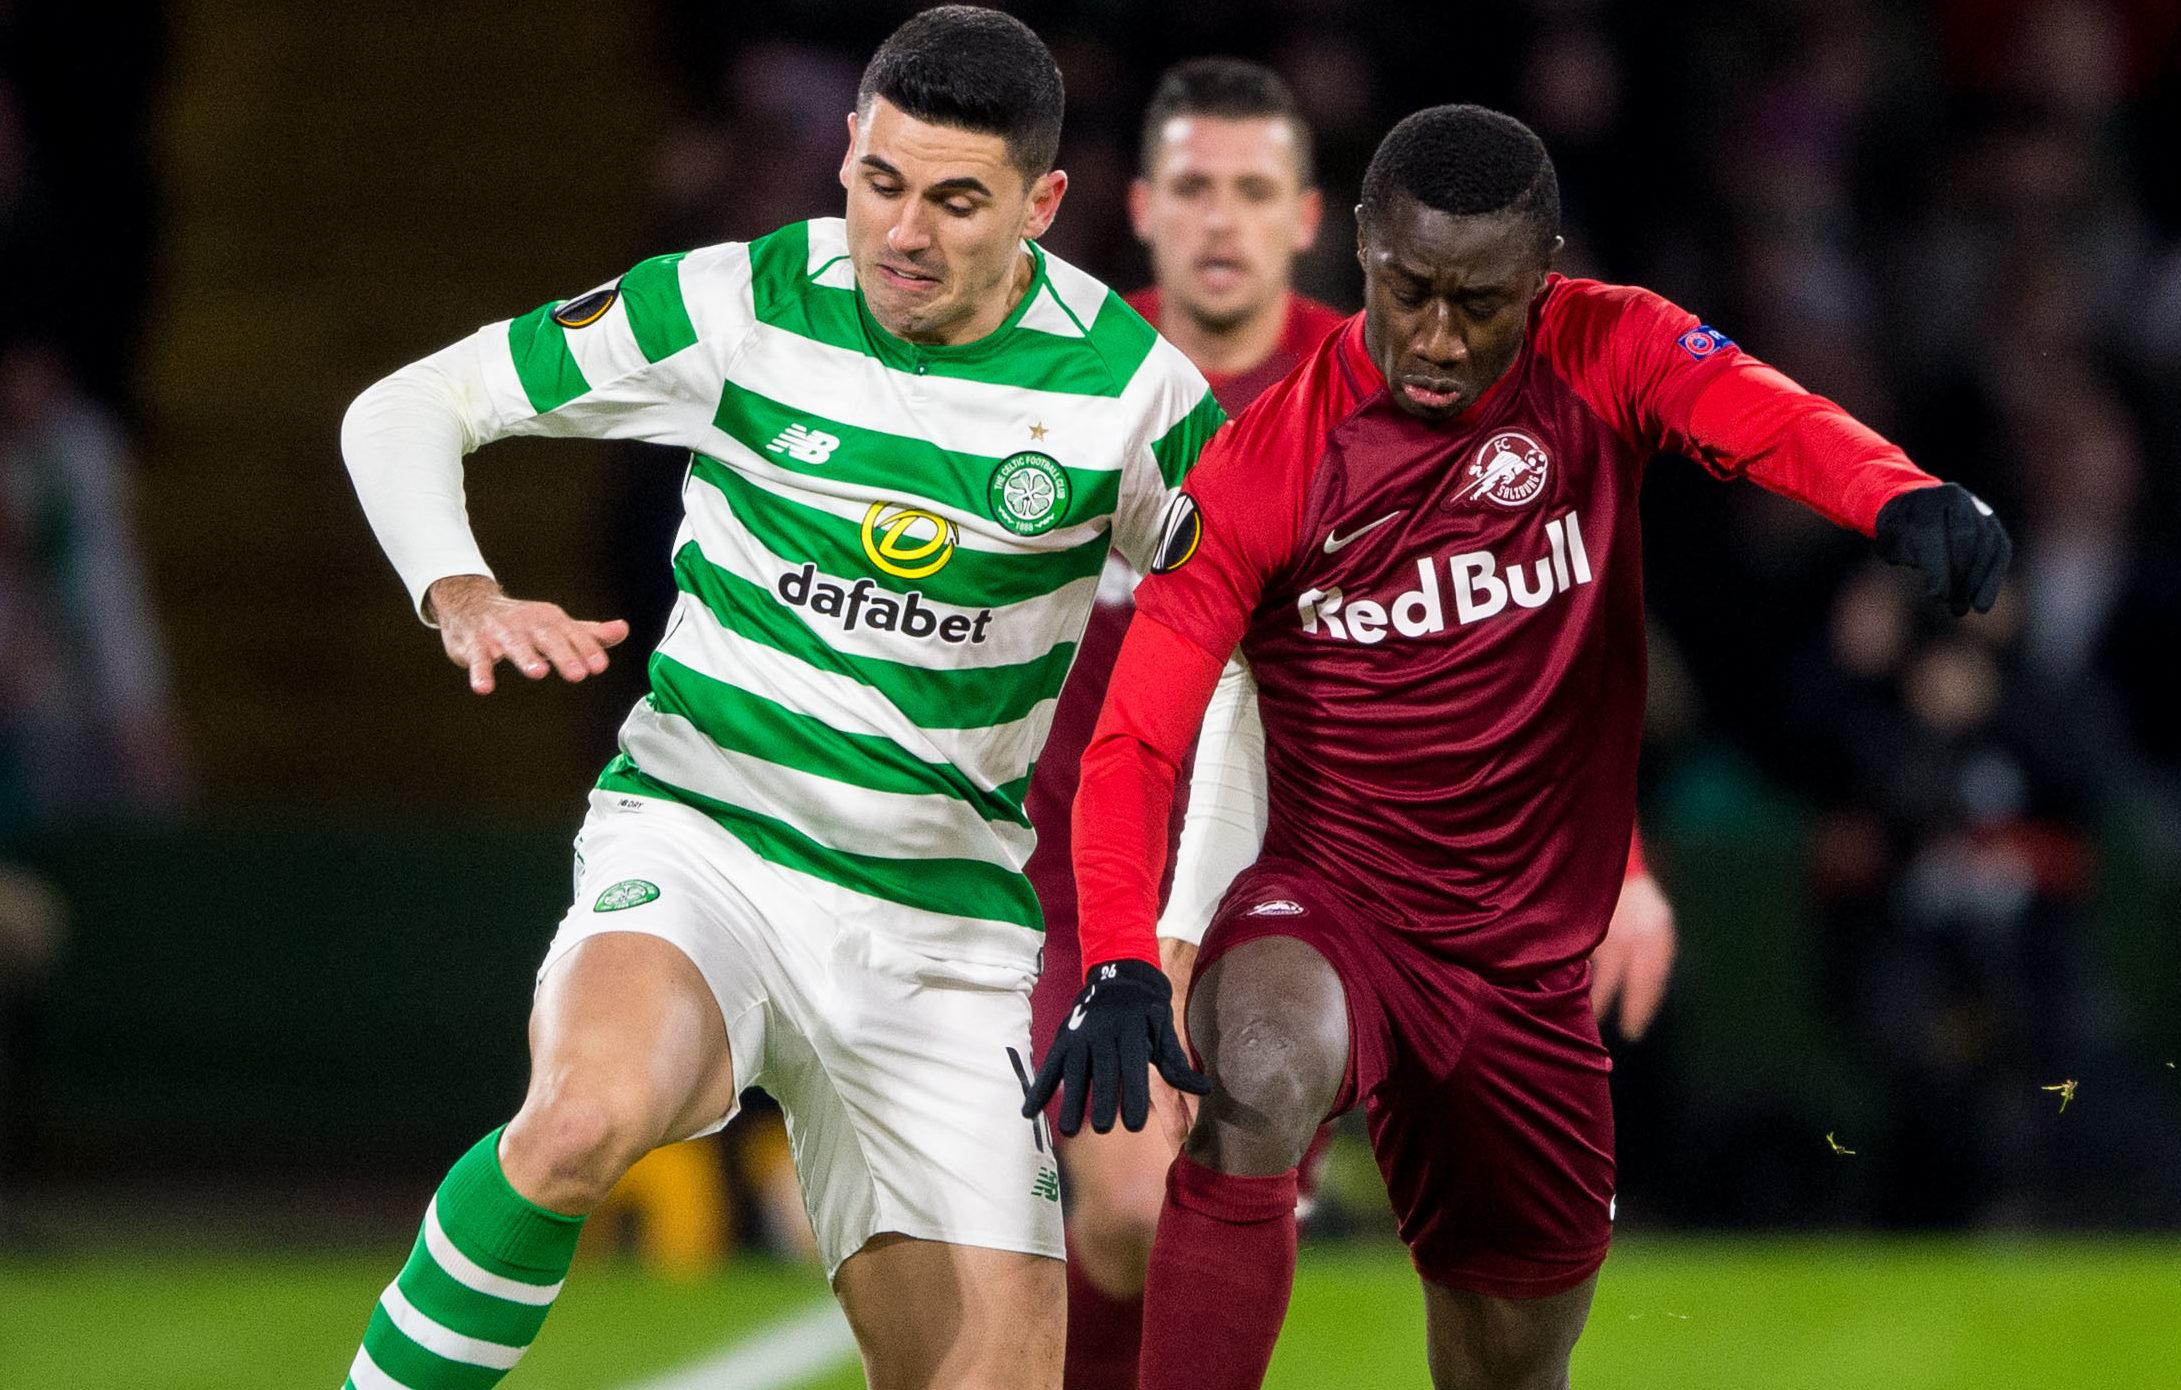 Celtic's Tom Rogic battles with RB Salzburg's Diasie Samassekou (SNS Group / Ross Parker)